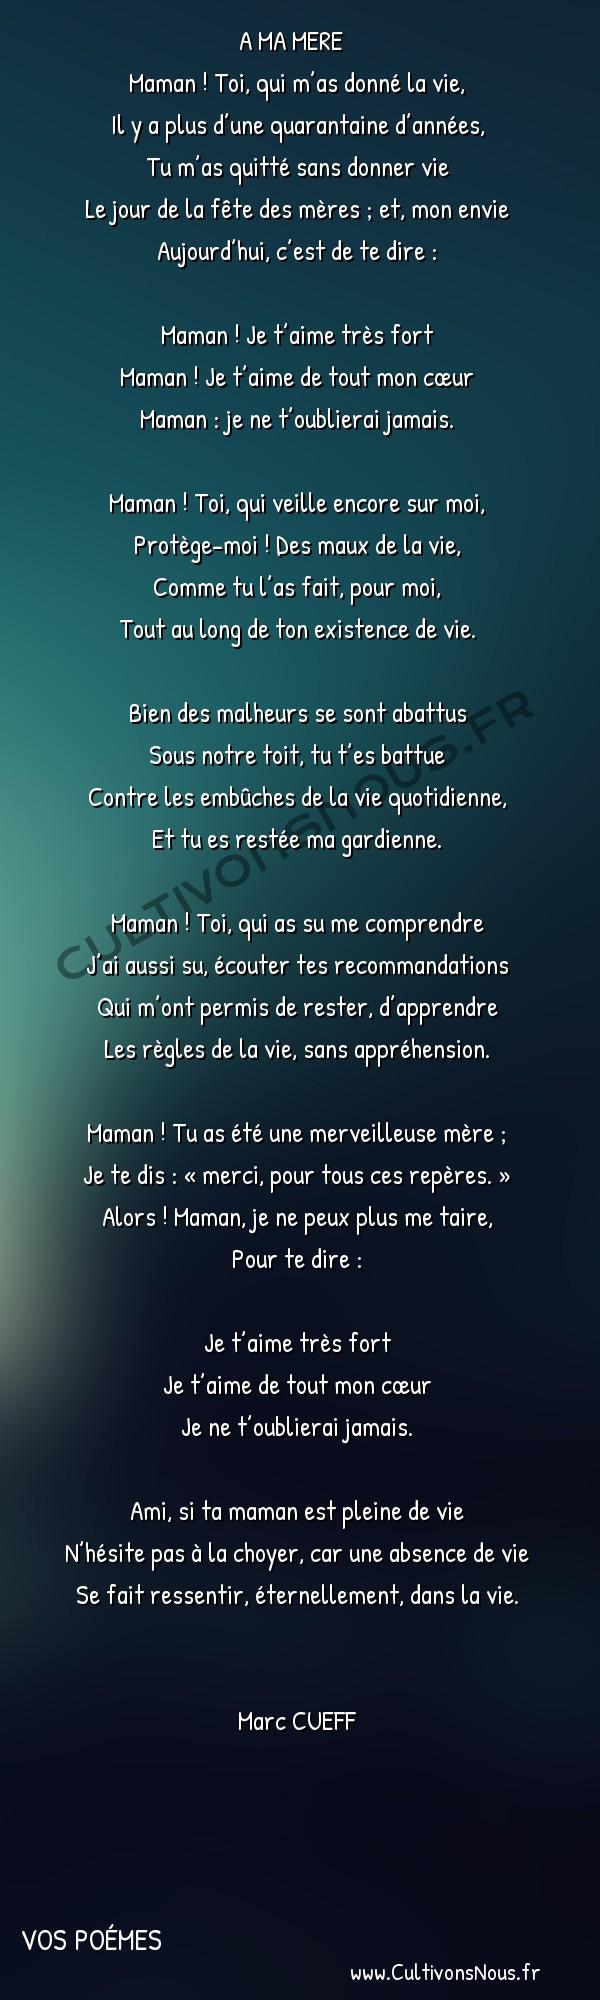 Poésies contemporaines - Vos poémes - Maman ! Toi -   A MA MERE Maman! Toi, qui m'as donné la vie,